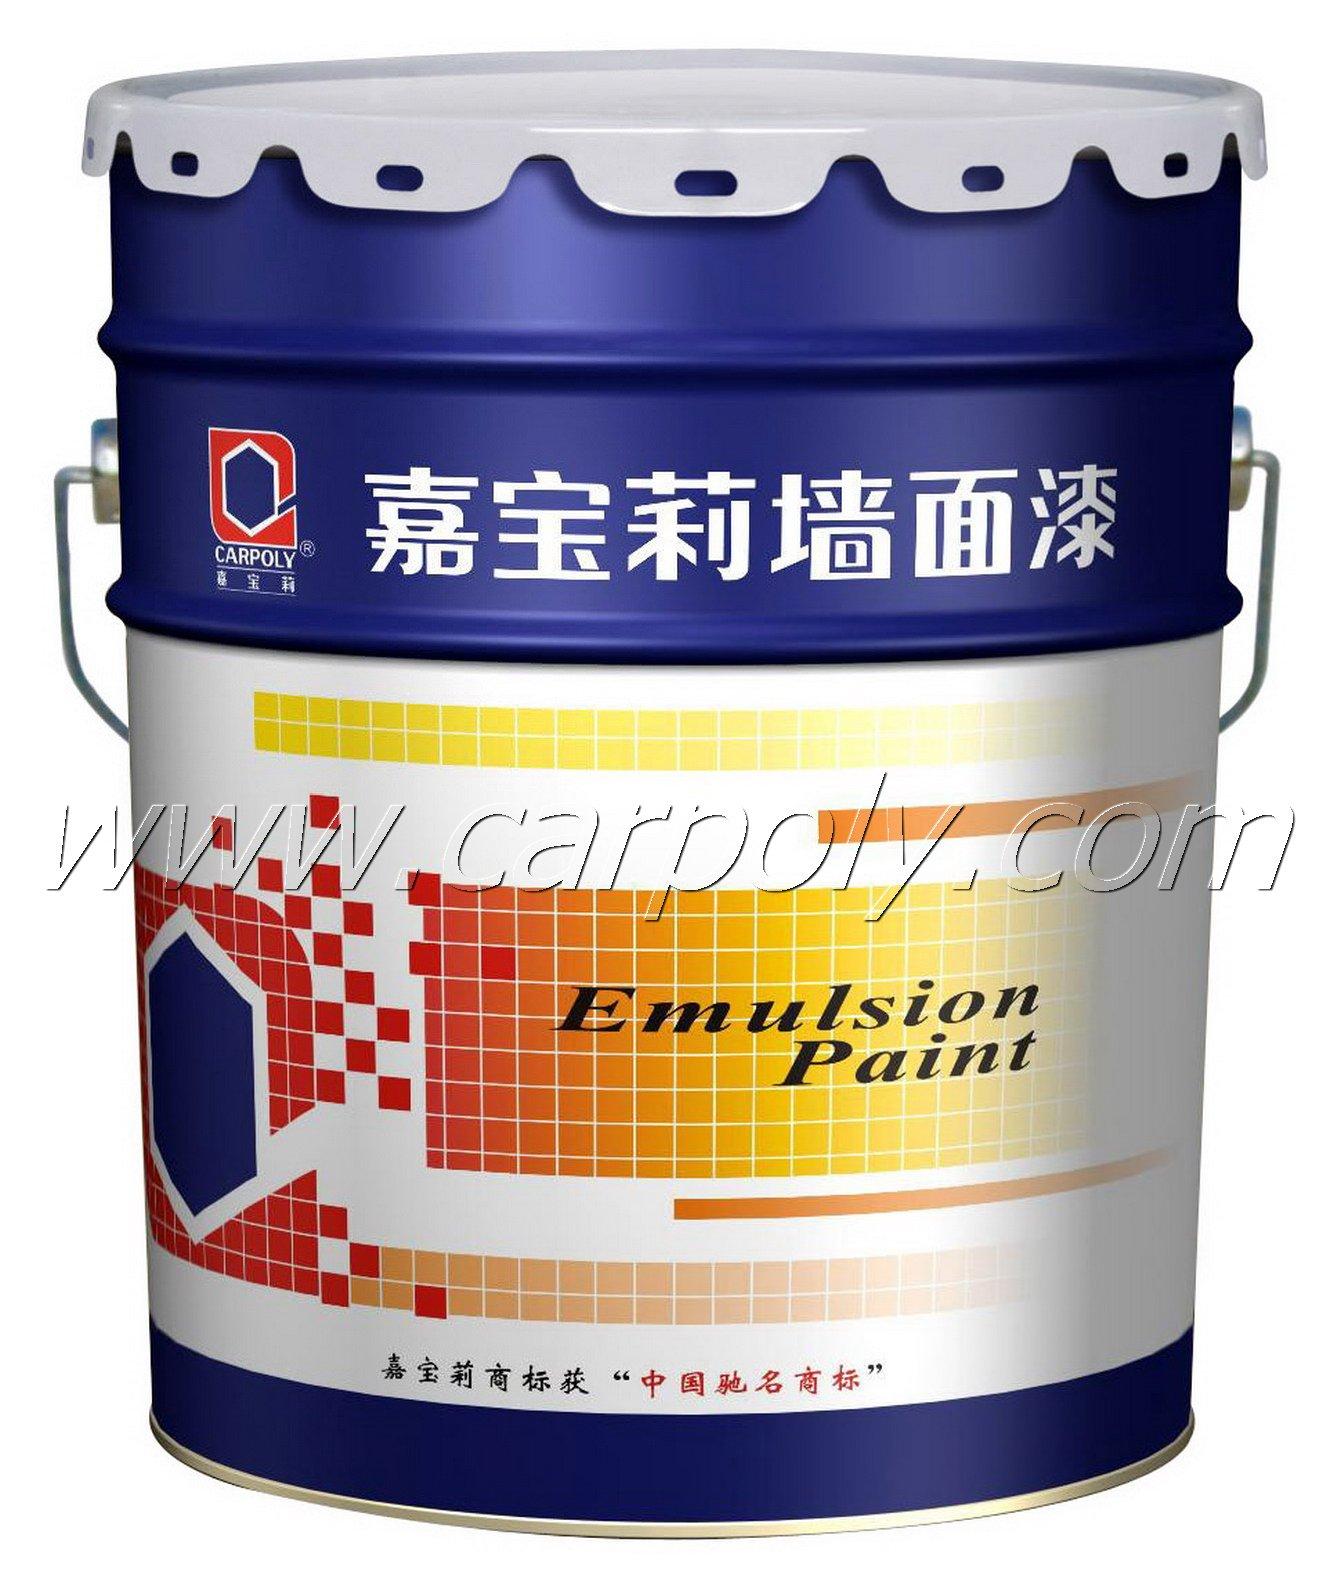 Carpoly Interior Emulsion Paint Matt